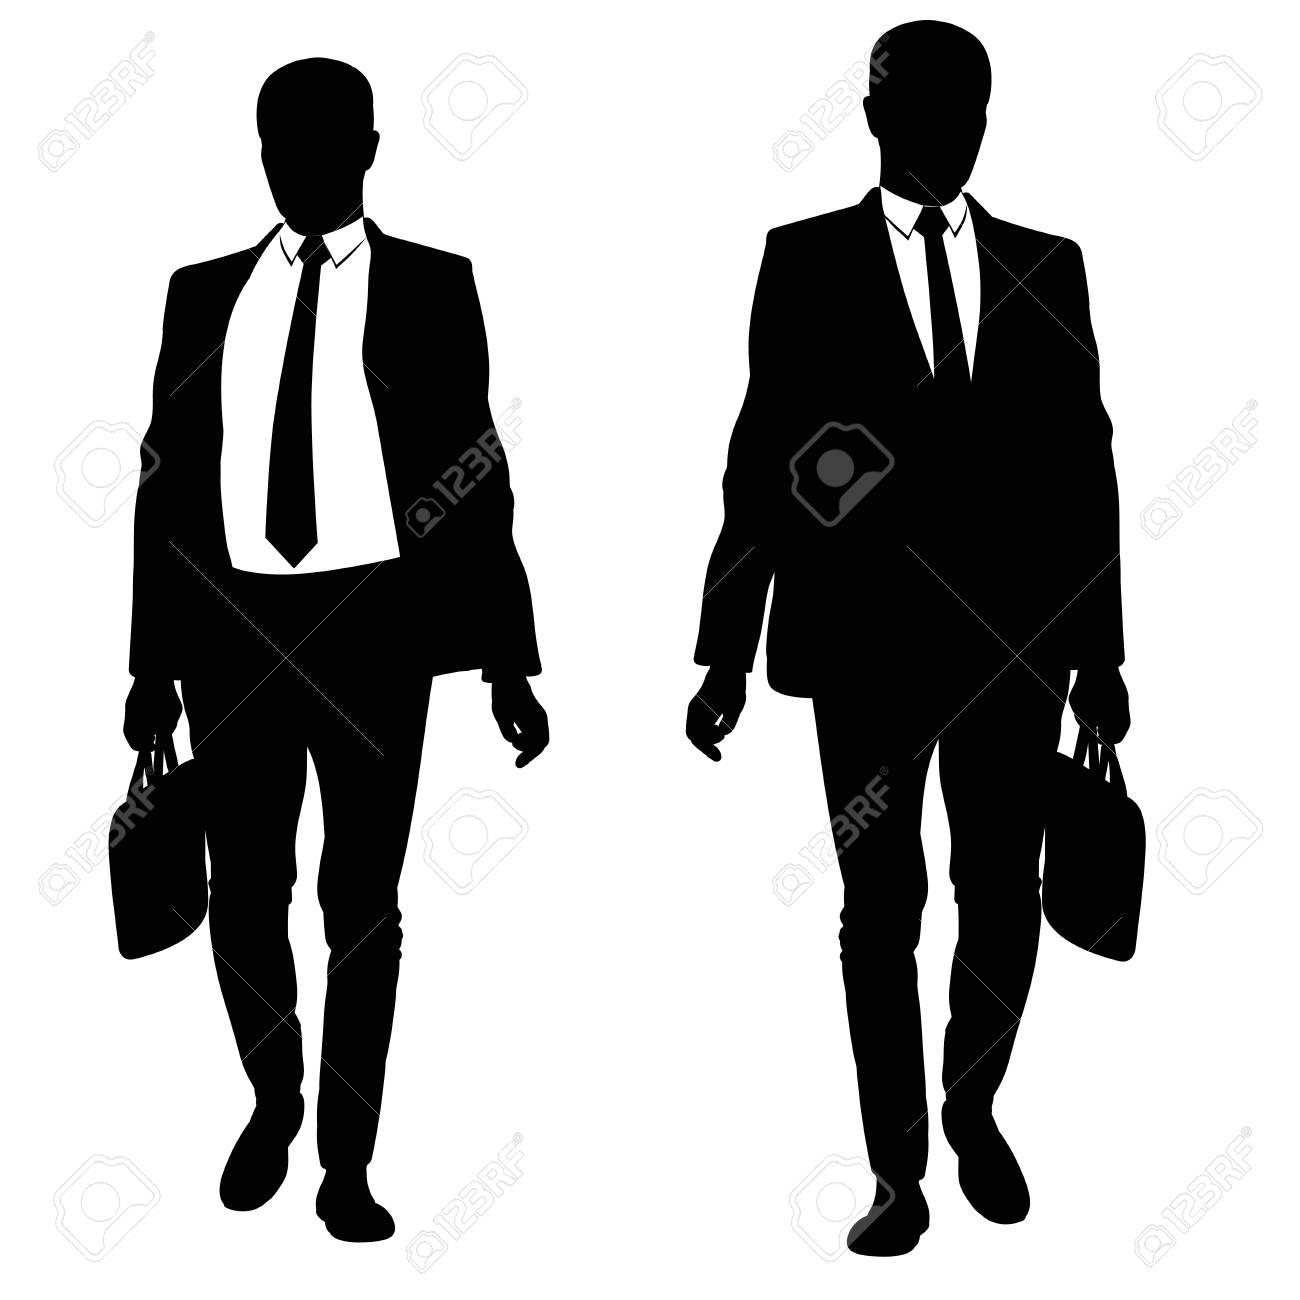 スーツとネクタイで歩く男性のシルエットのイラスト素材ベクタ Image